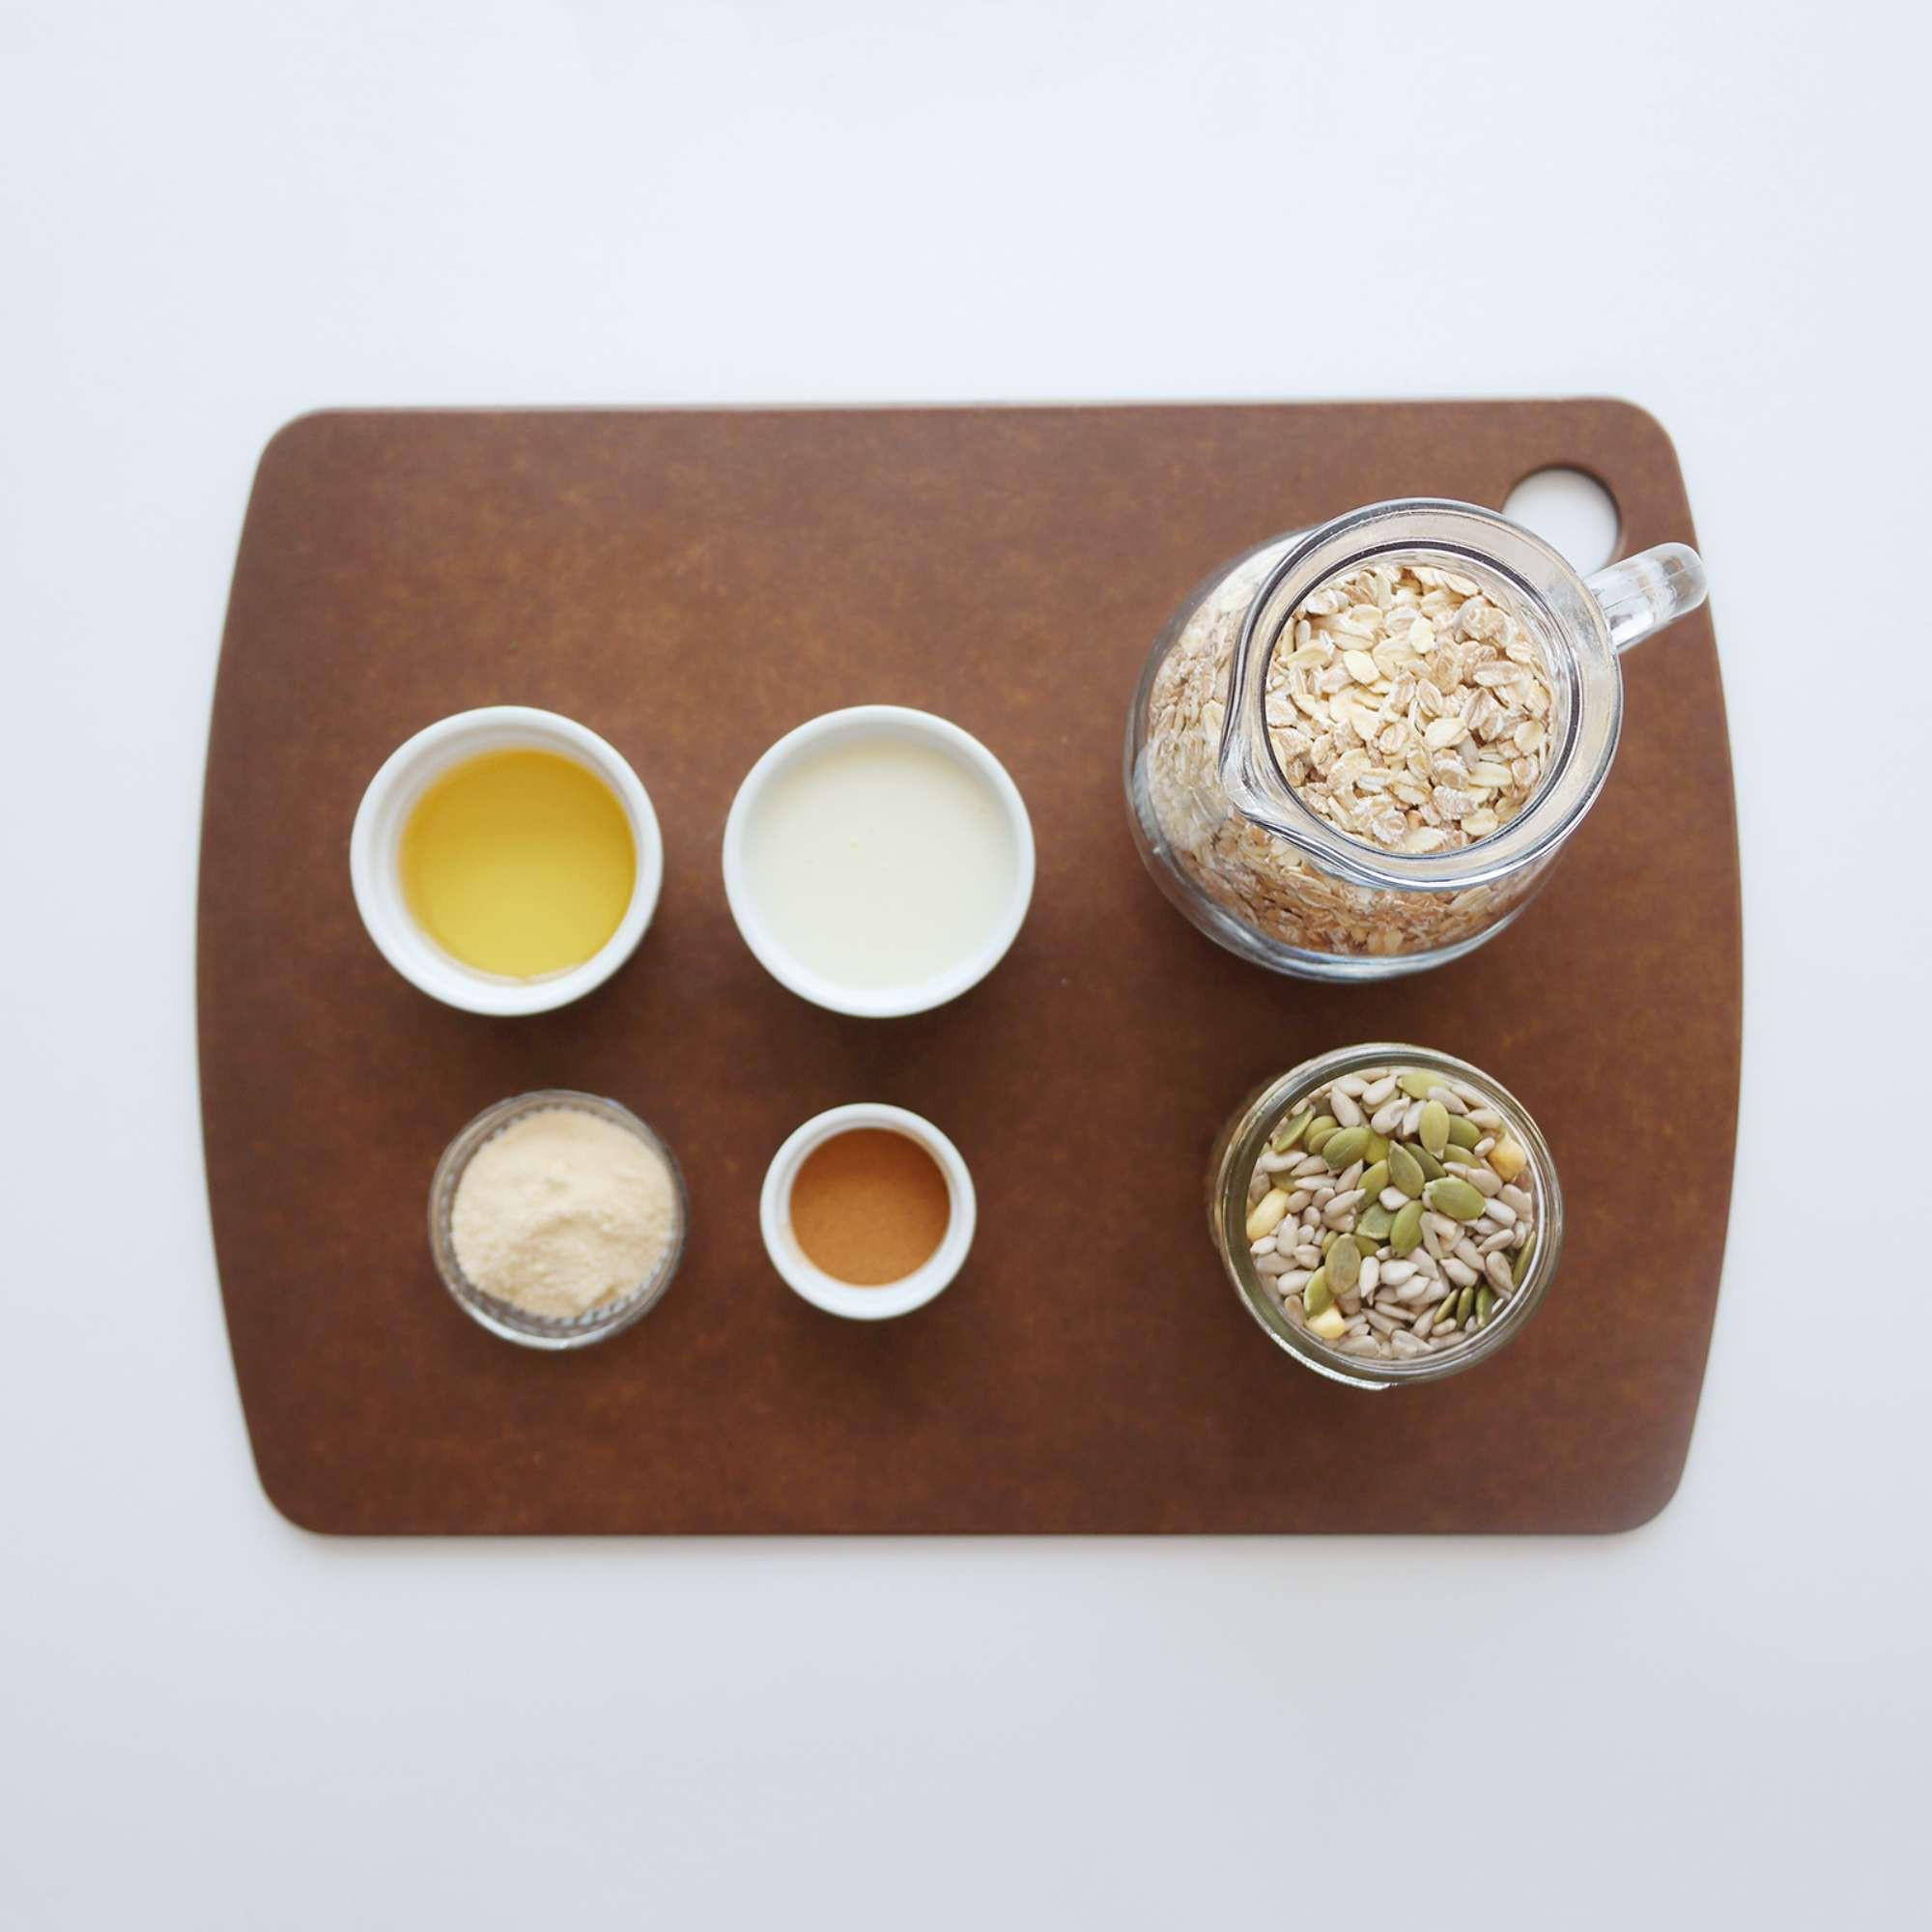 Cuối tuần rảnh làm ngay thanh ngũ cốc để ăn dần trong cả tuần cực tiện